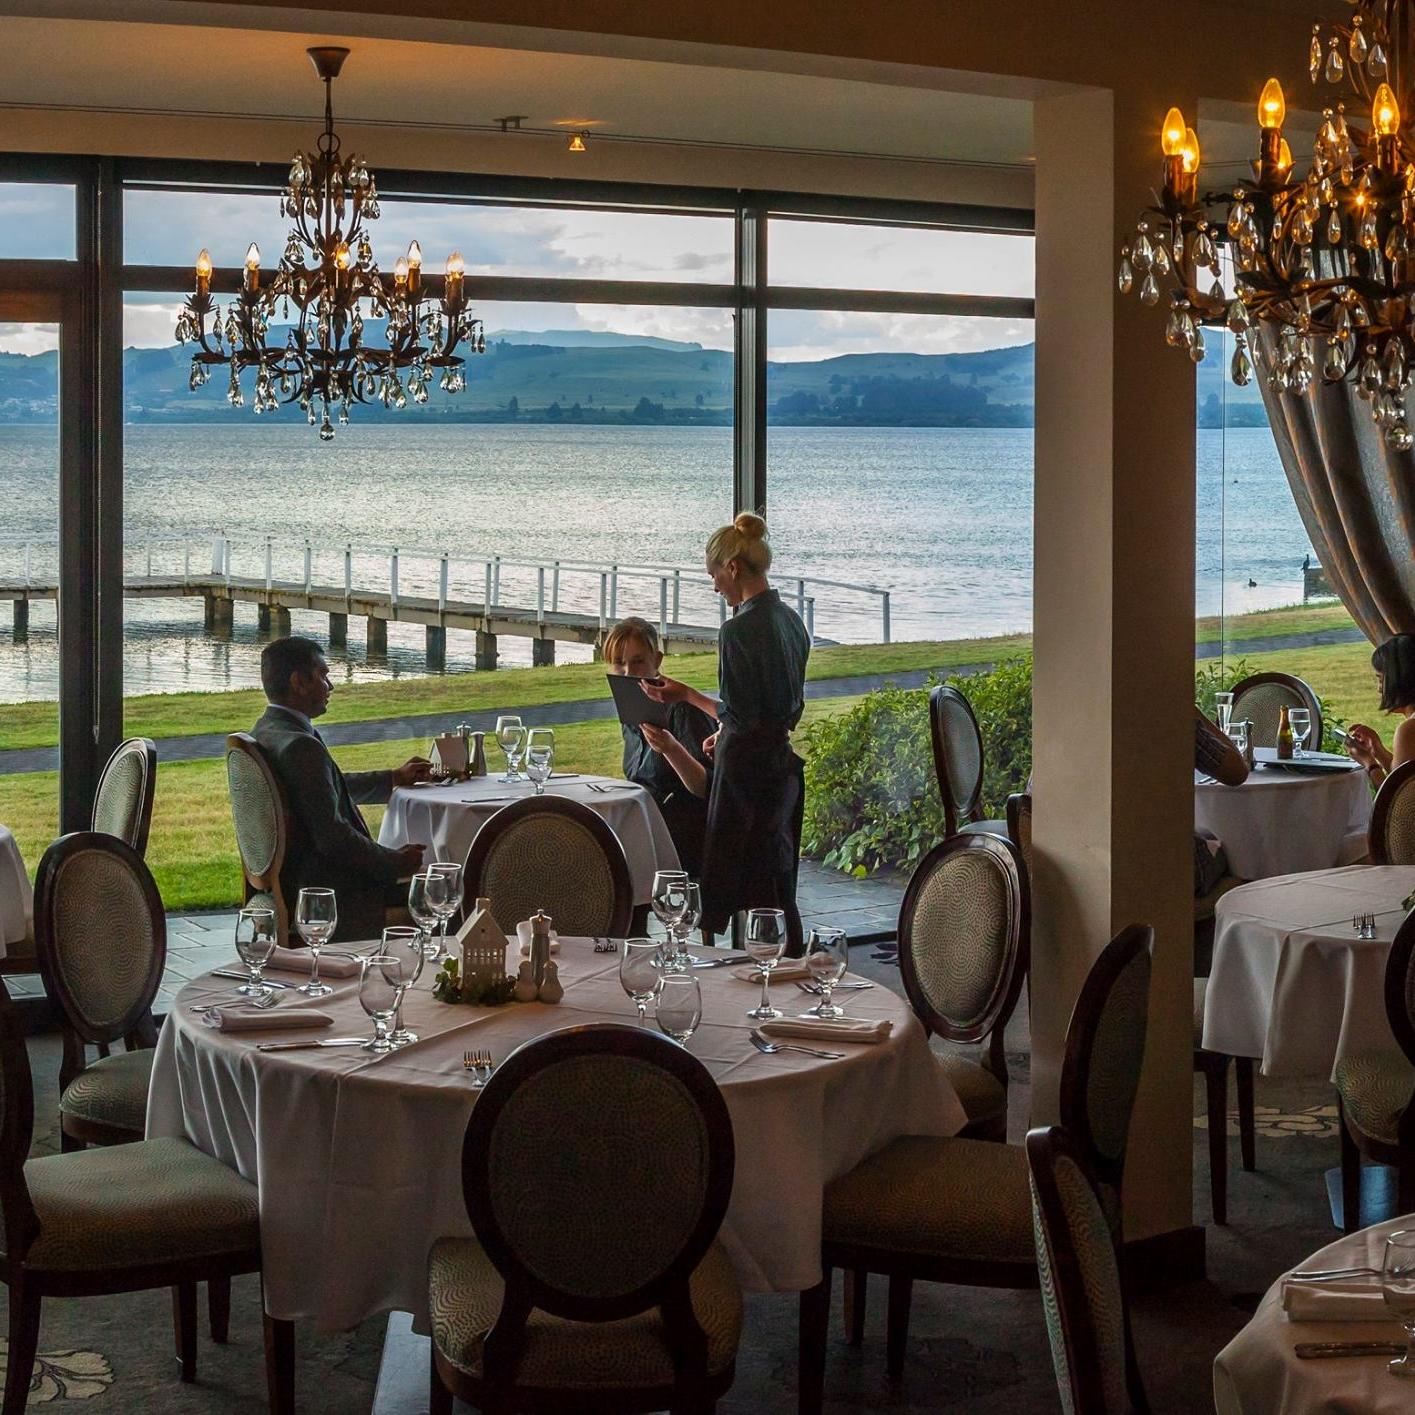 edgewater restaurant, millennium hotel & resort manuels - Taupo